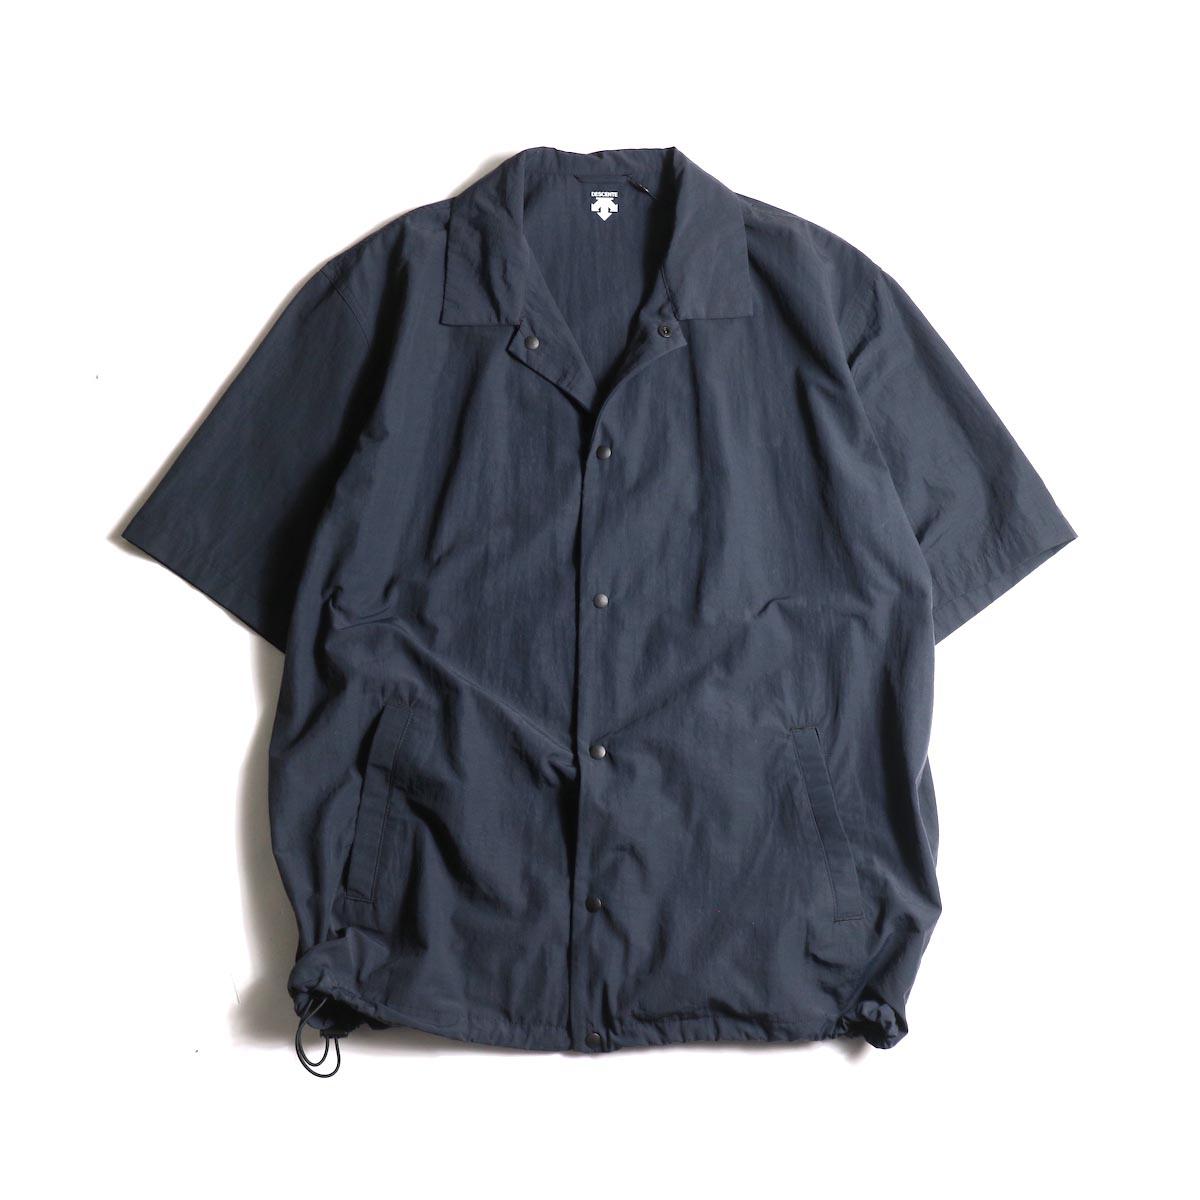 DESCENTE ddd / COACH SHIRT (Black)